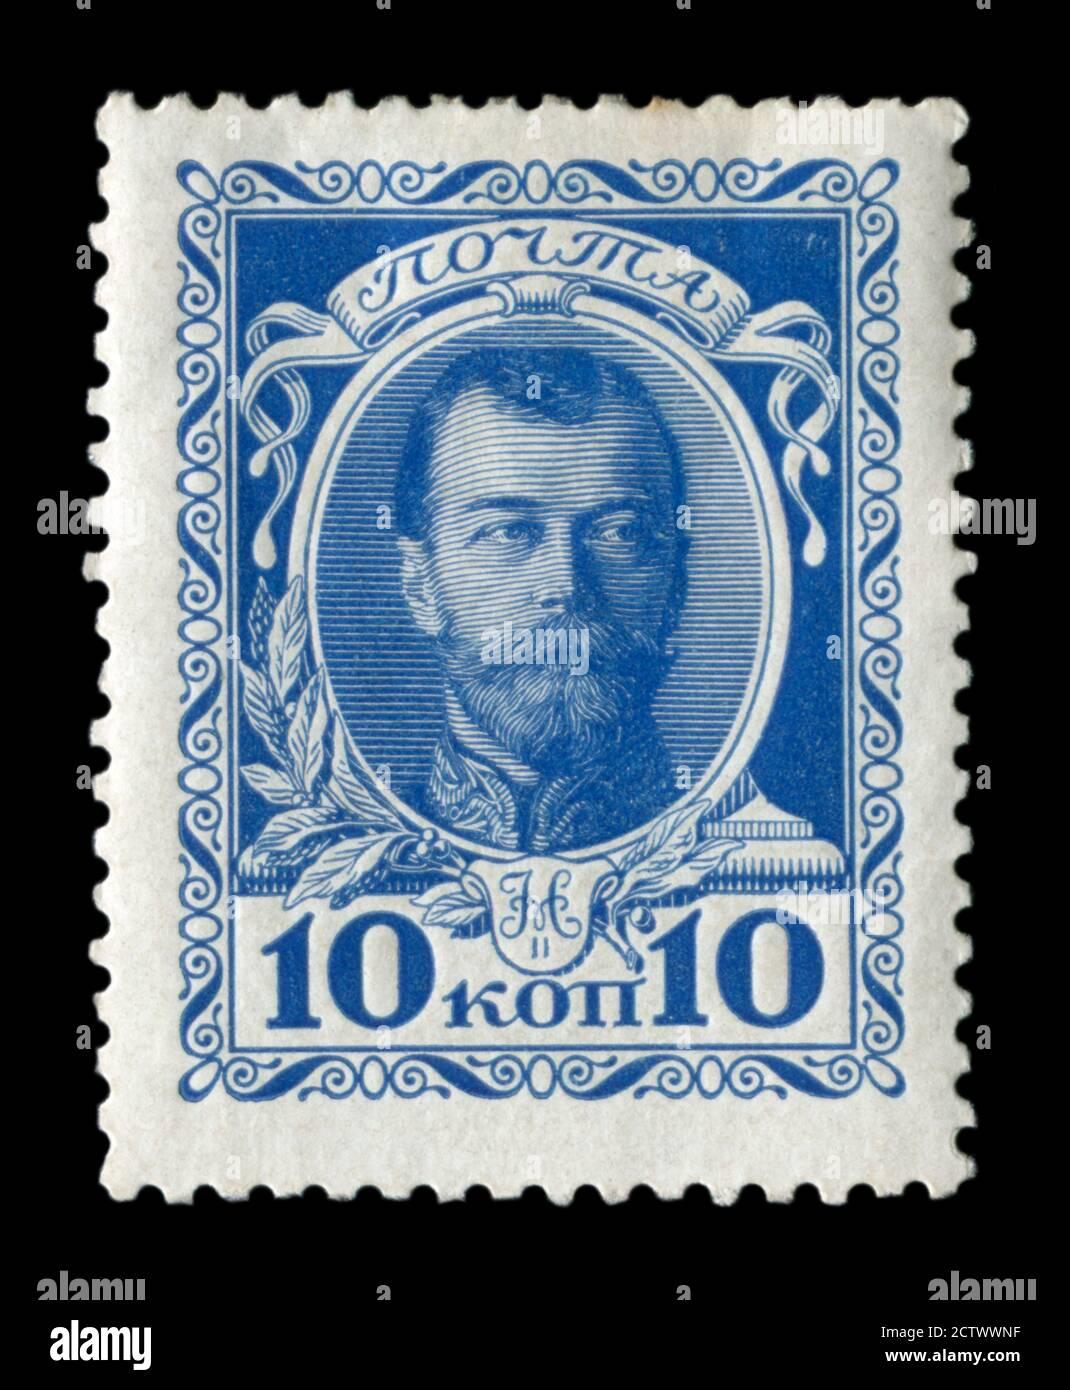 Timbre-poste historique russe : 300e anniversaire de la maison de Romanov. Dynastie tsariste de l'Empire russe, empereur Nicholas II,1613-1913 Banque D'Images